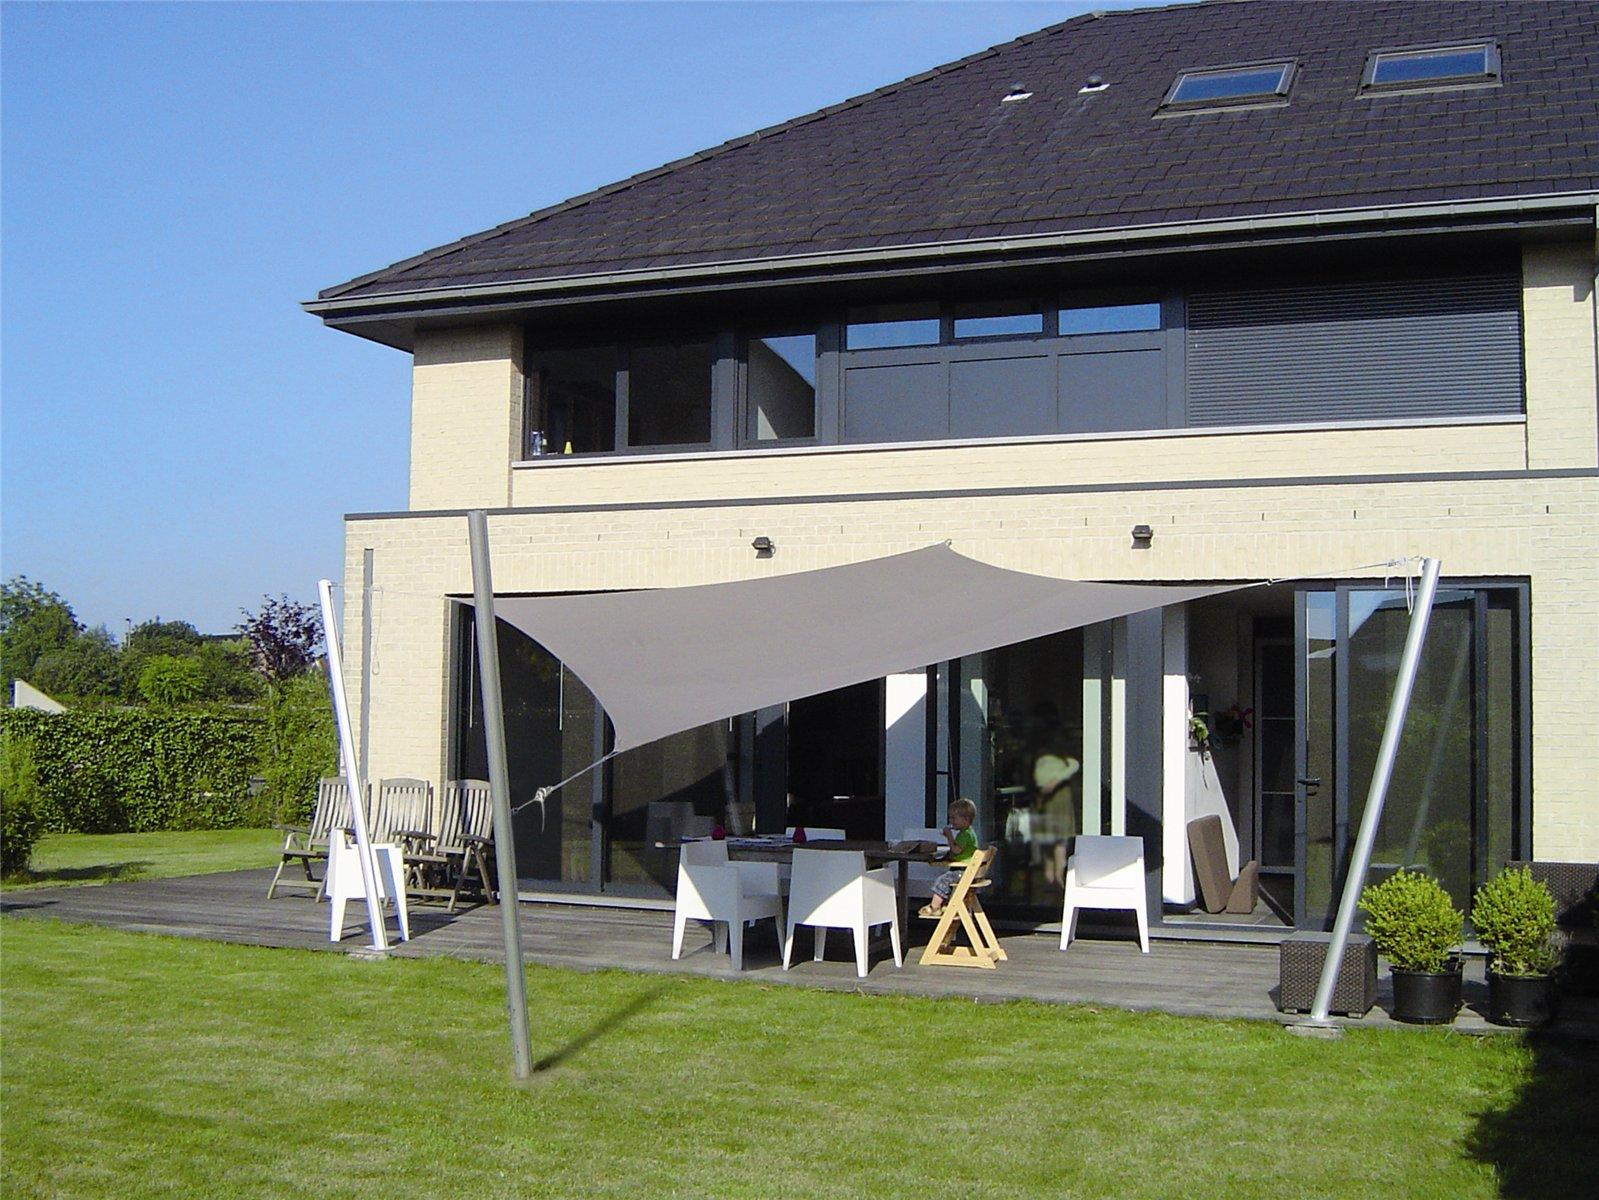 Een schaduwdoek boven het terras biedt veel schaduw en verandert zomerse warmte in een aangename temperatuur met verzachtend licht. Via ZonZ schaduwzeilen